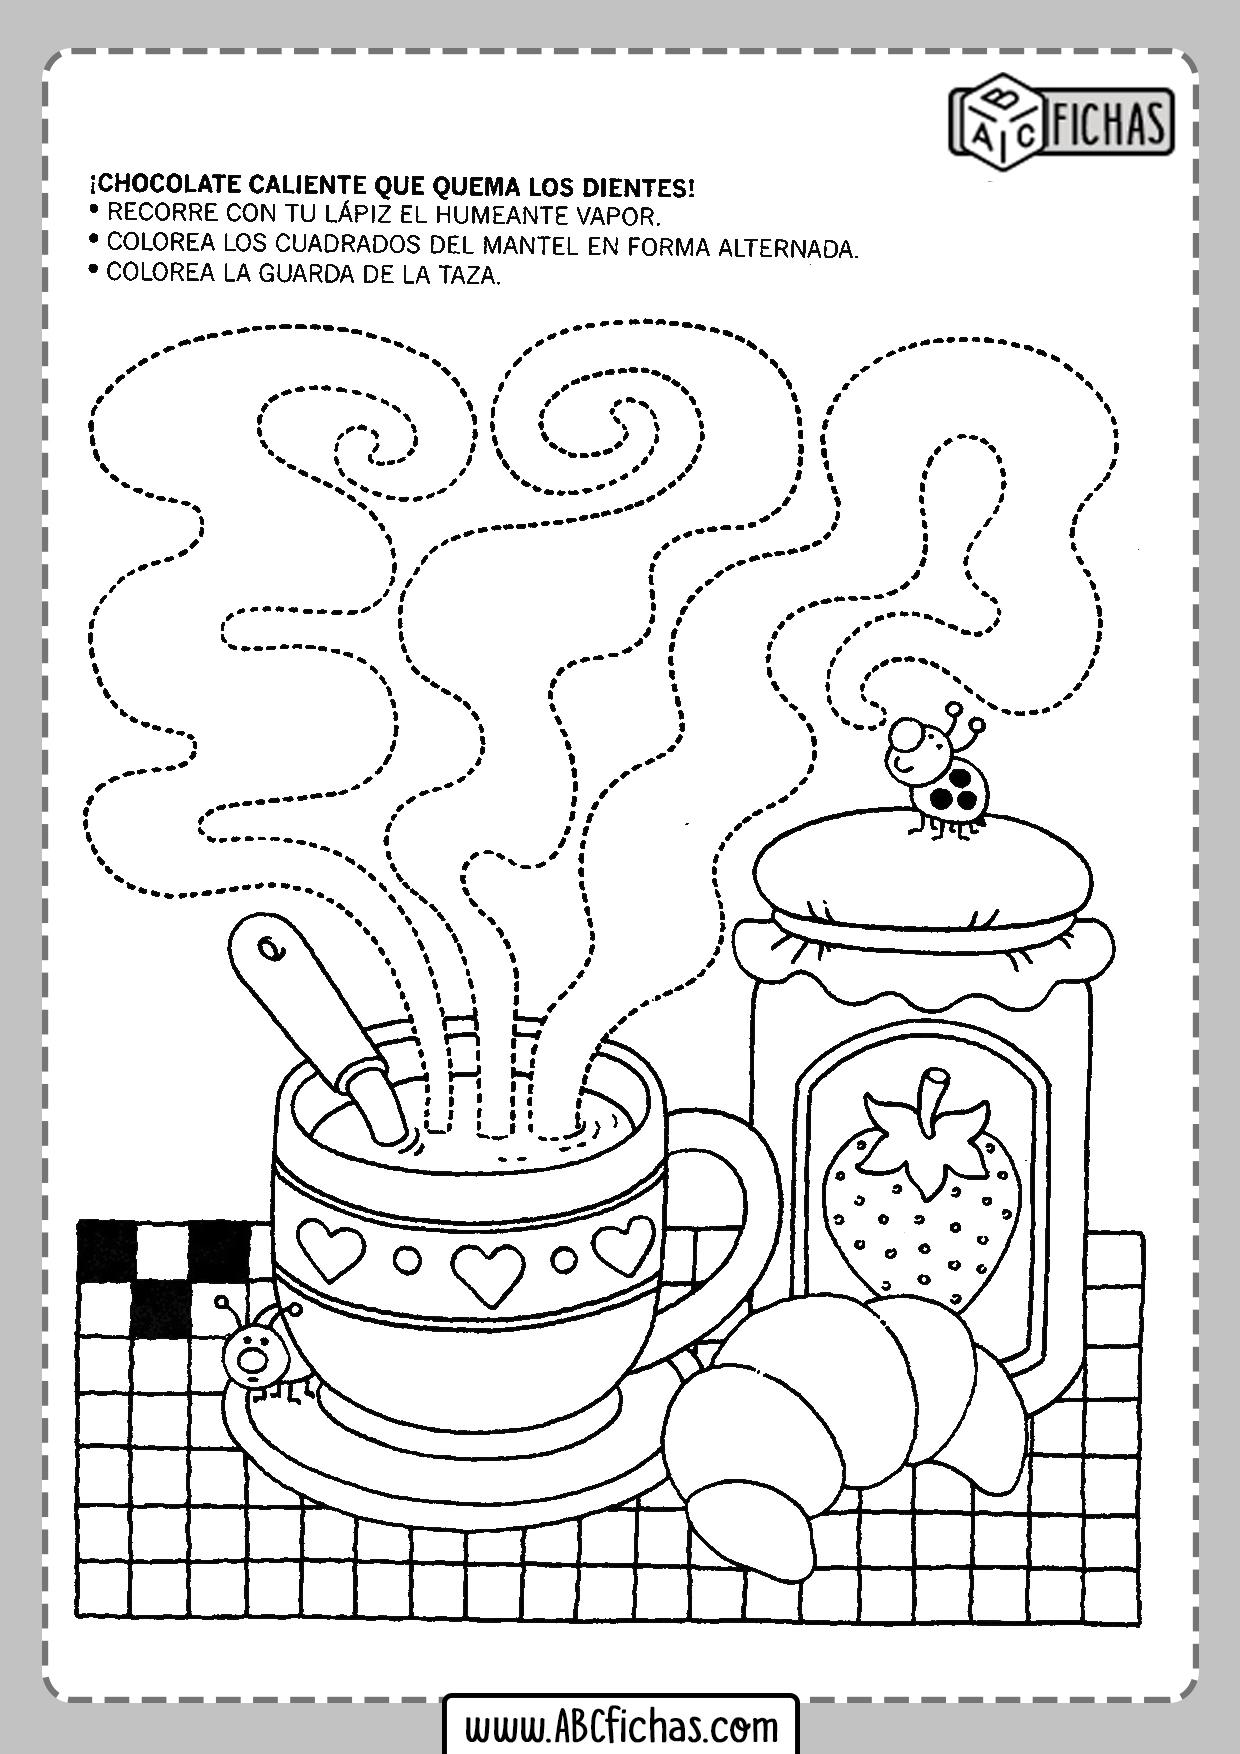 Fichas para imprimir para niños de 4 años